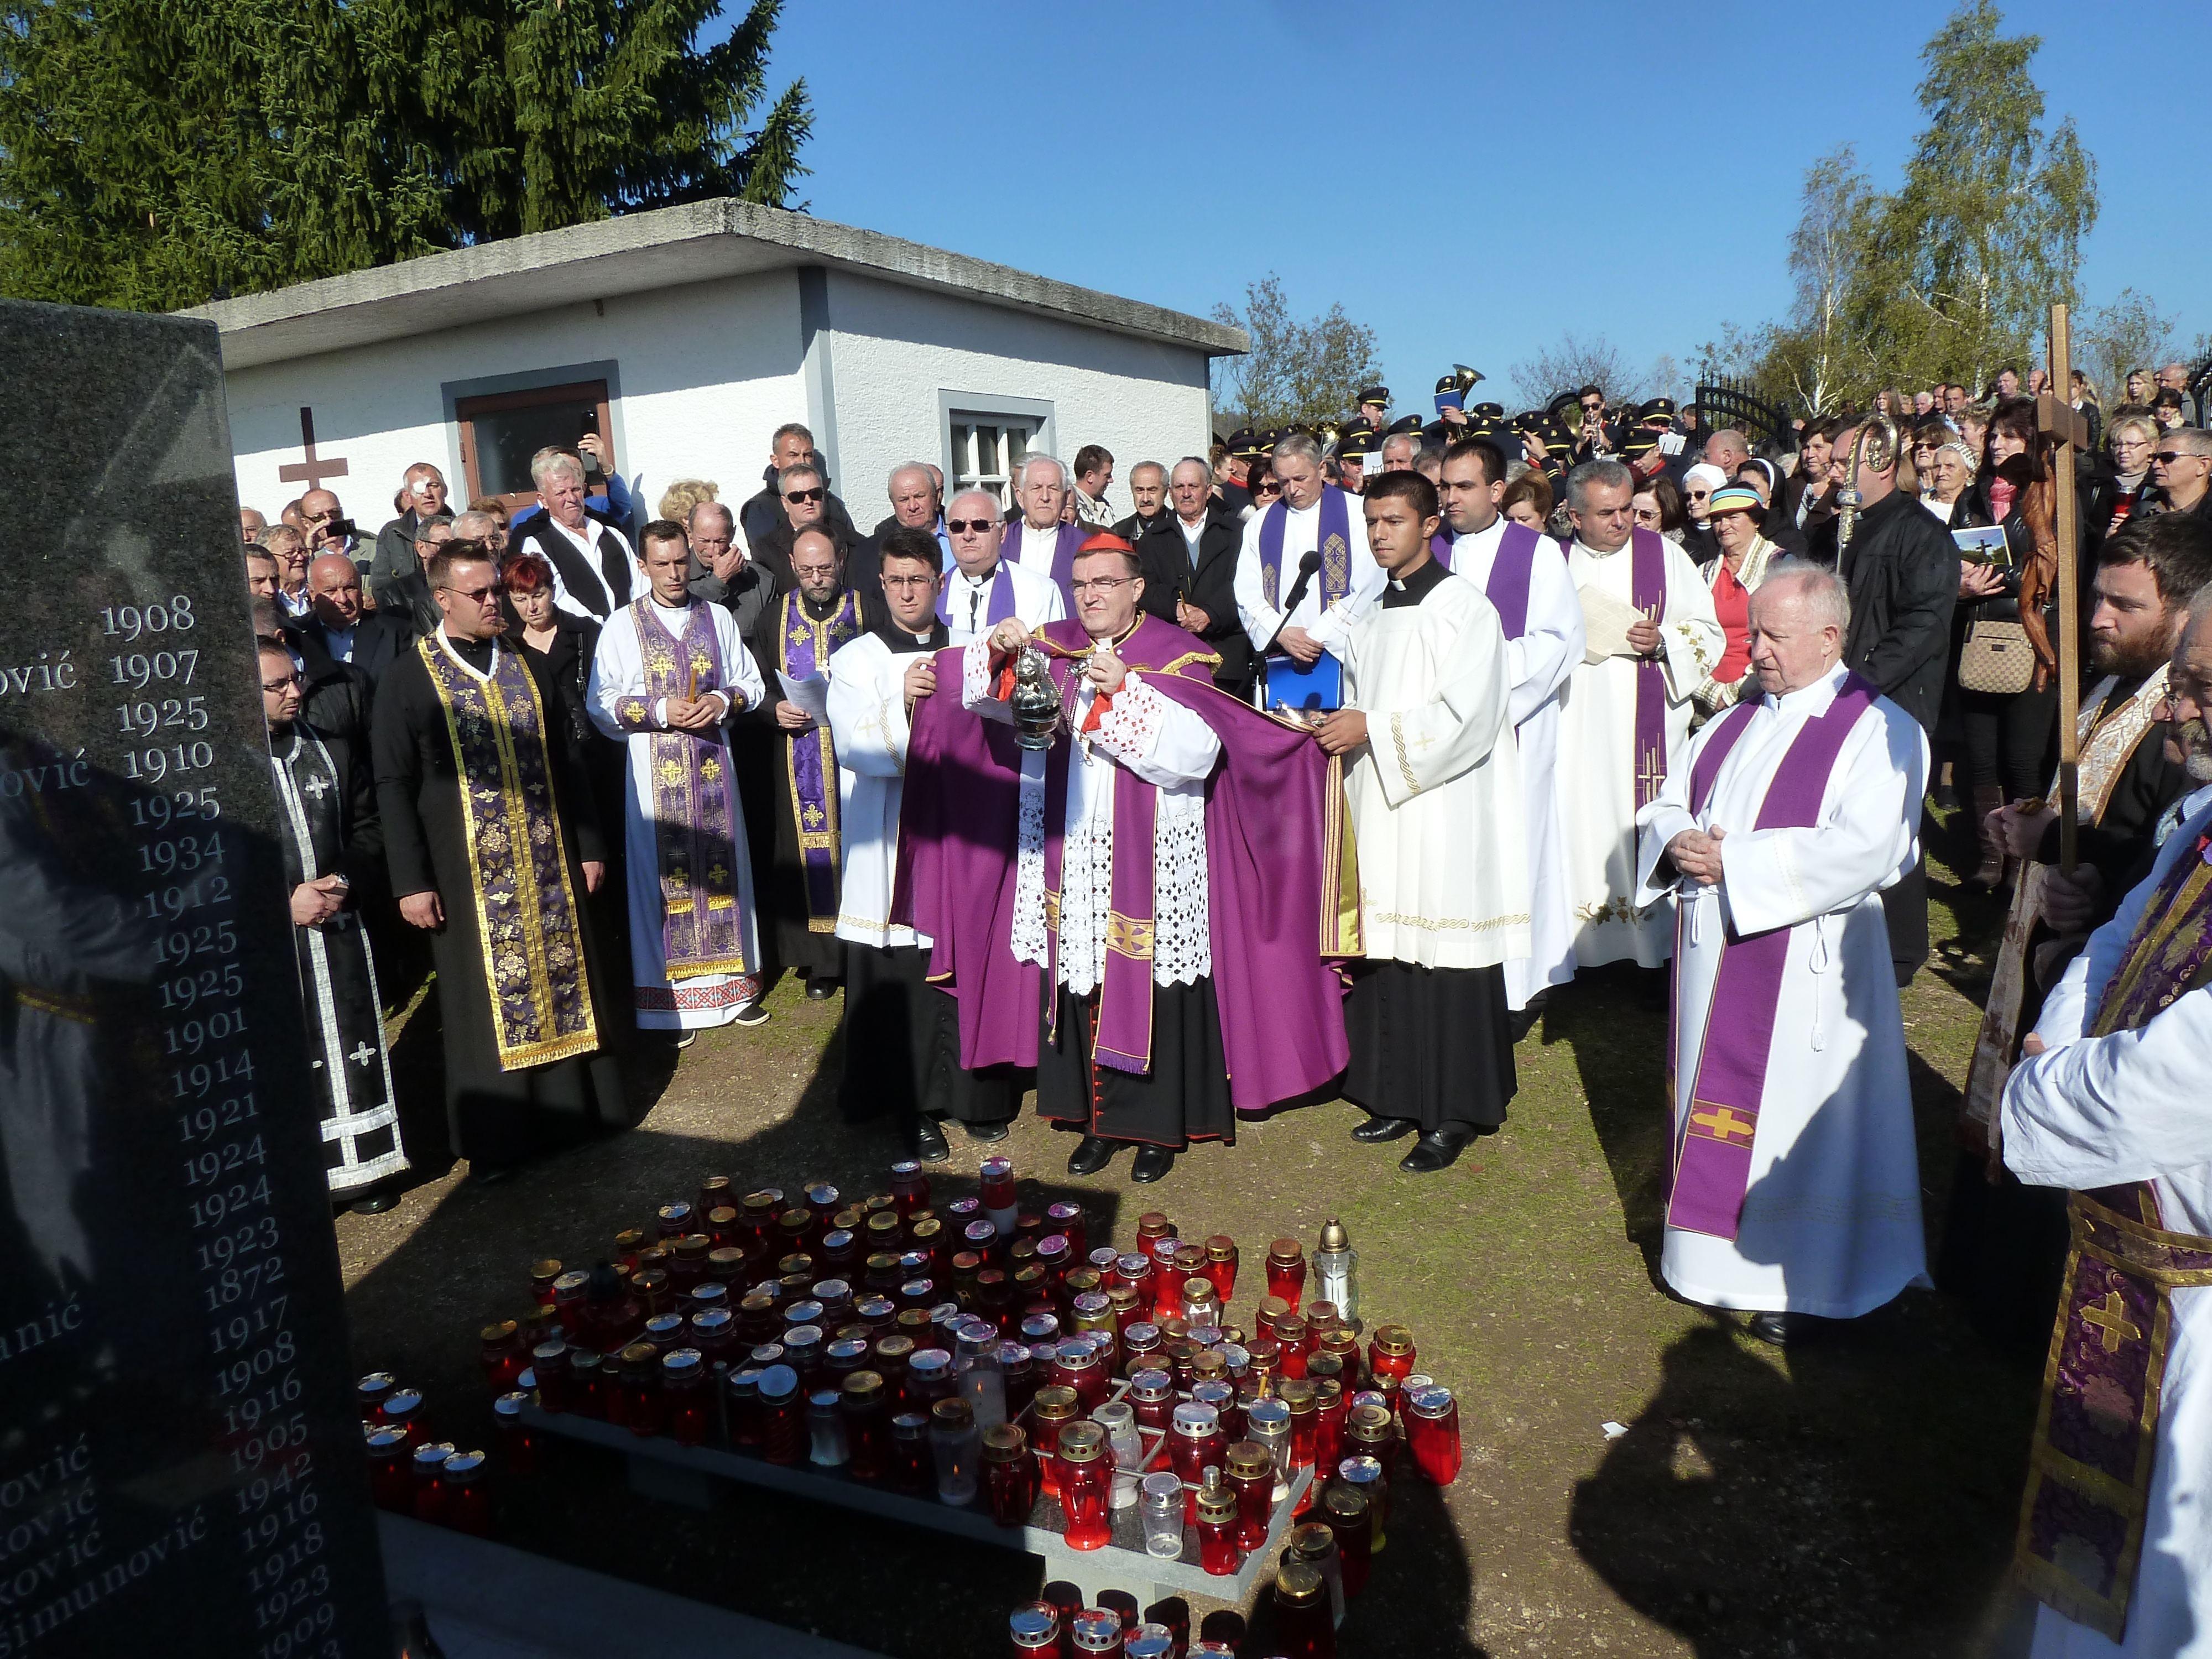 Svećenici Vikarijata s kardinalom na svečanosti u Kalju